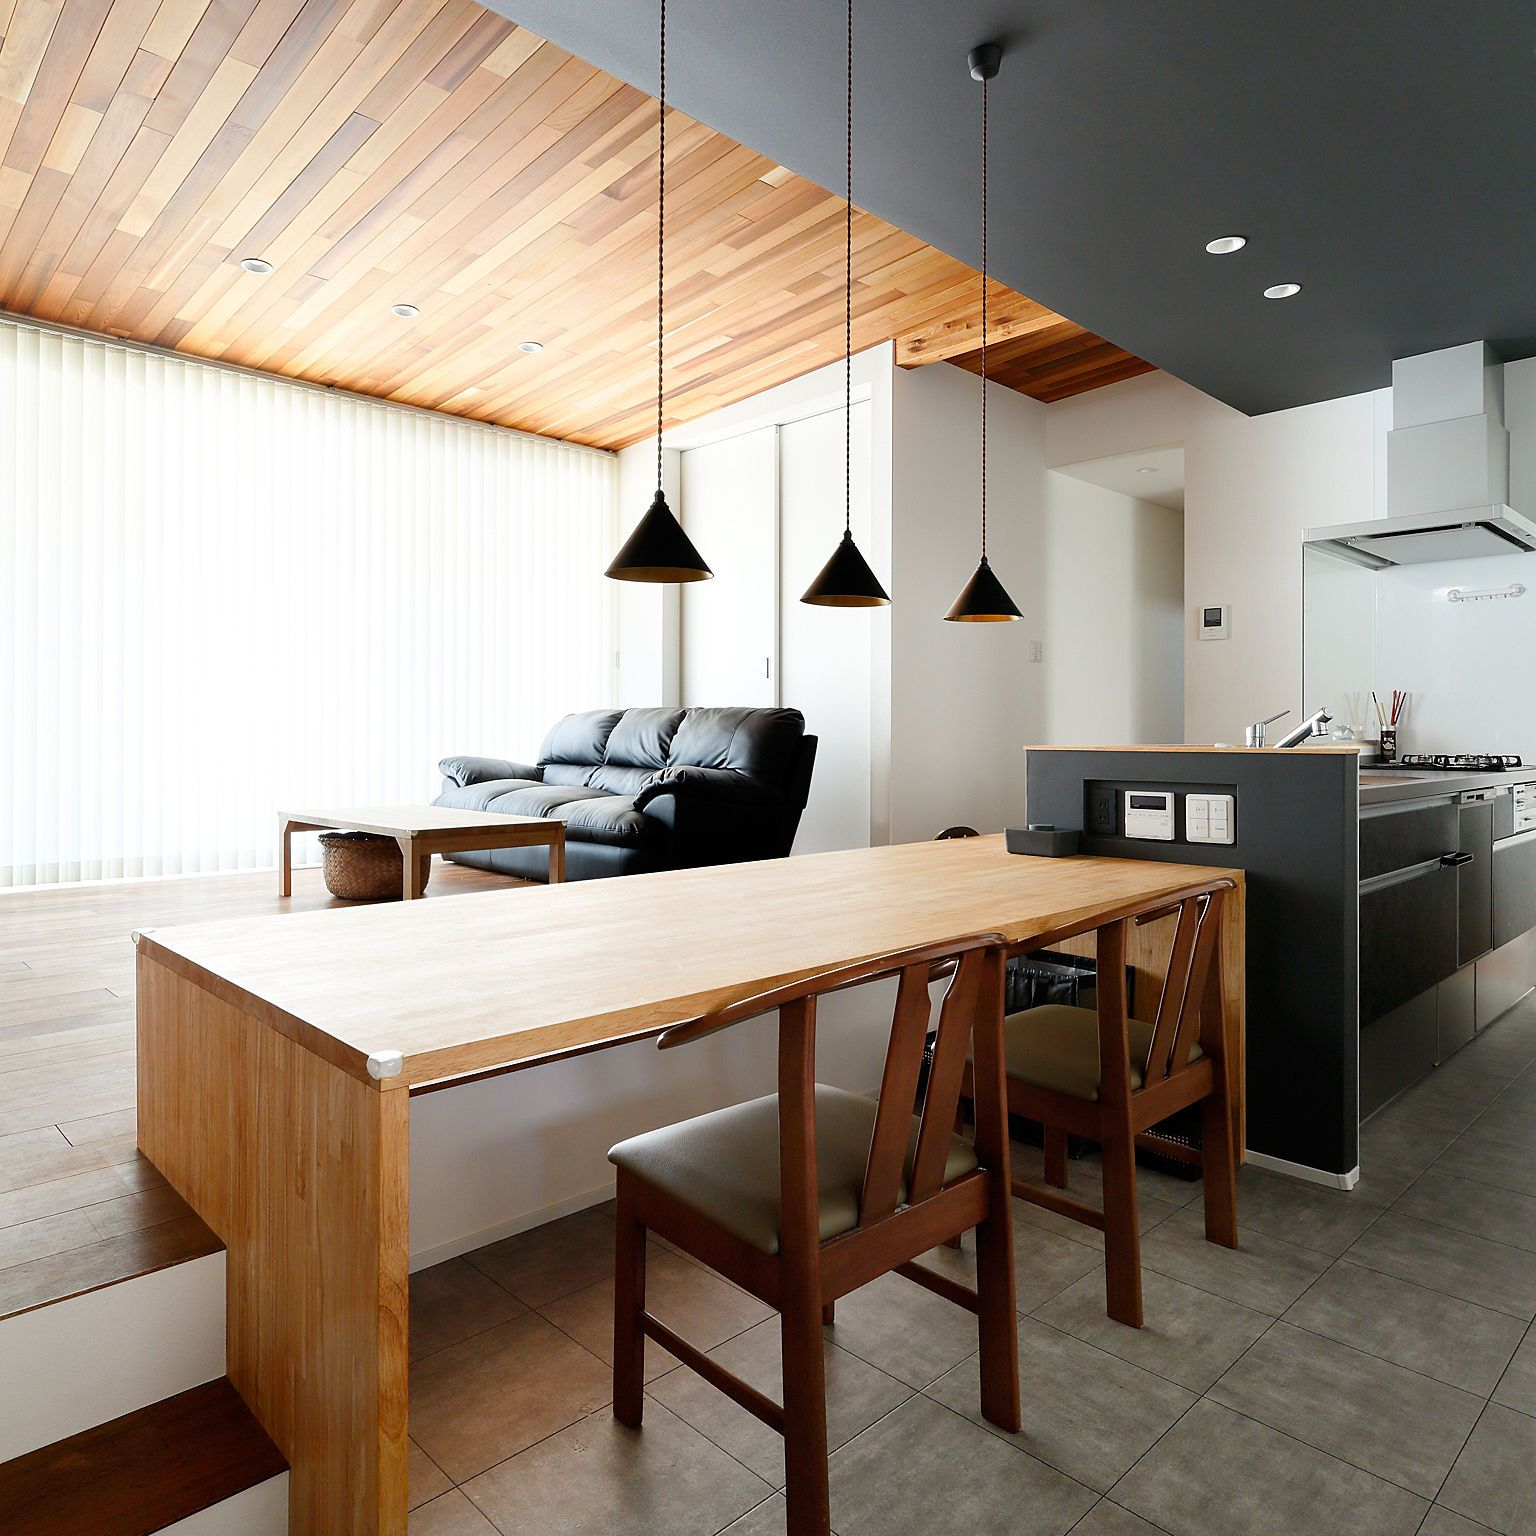 キッチン ダイニング 段差のある家 無垢の床 モダンインダストリアルの